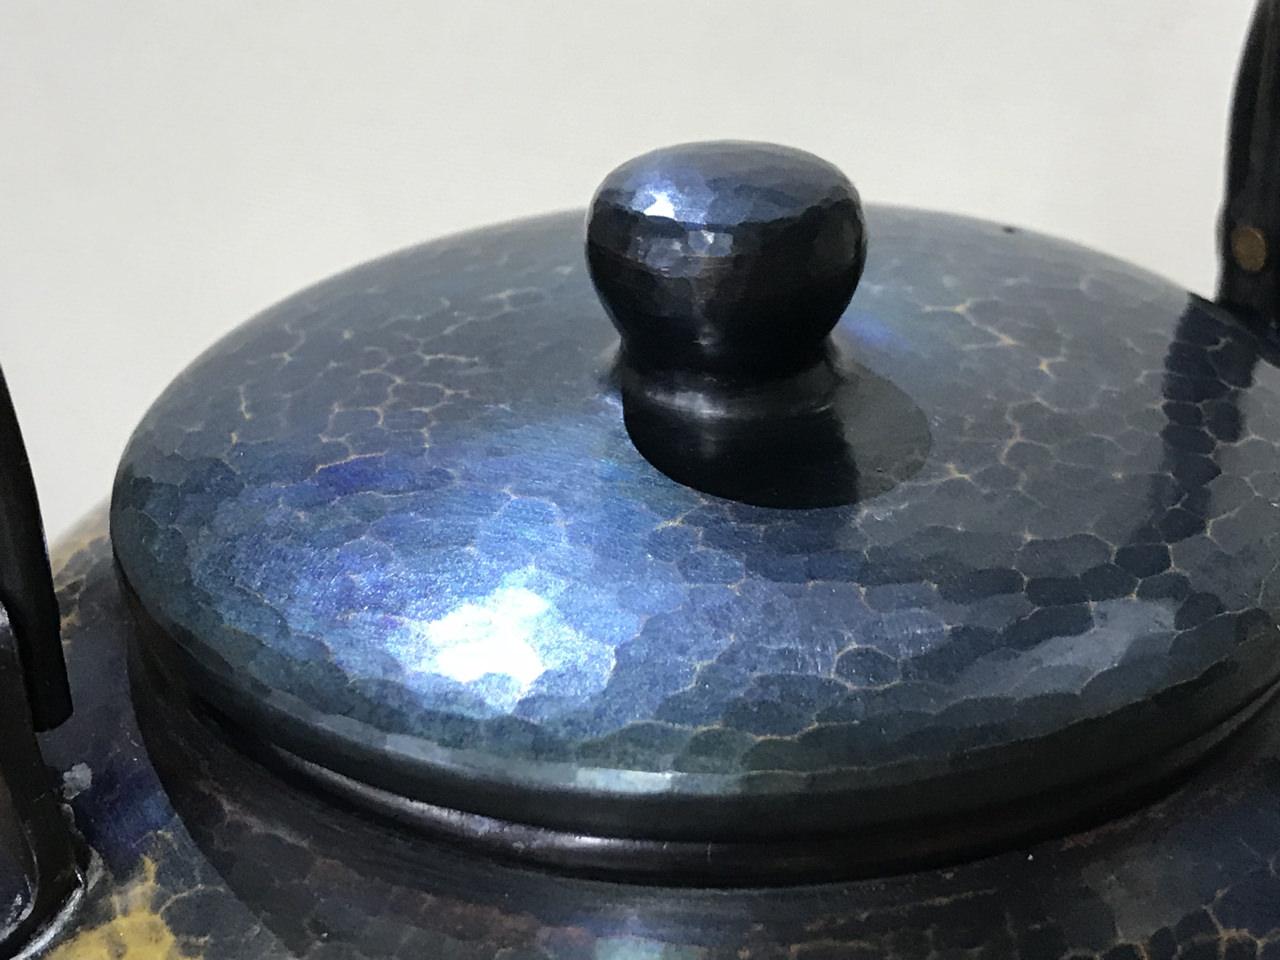 清徳堂 藍染銅瓶の画像